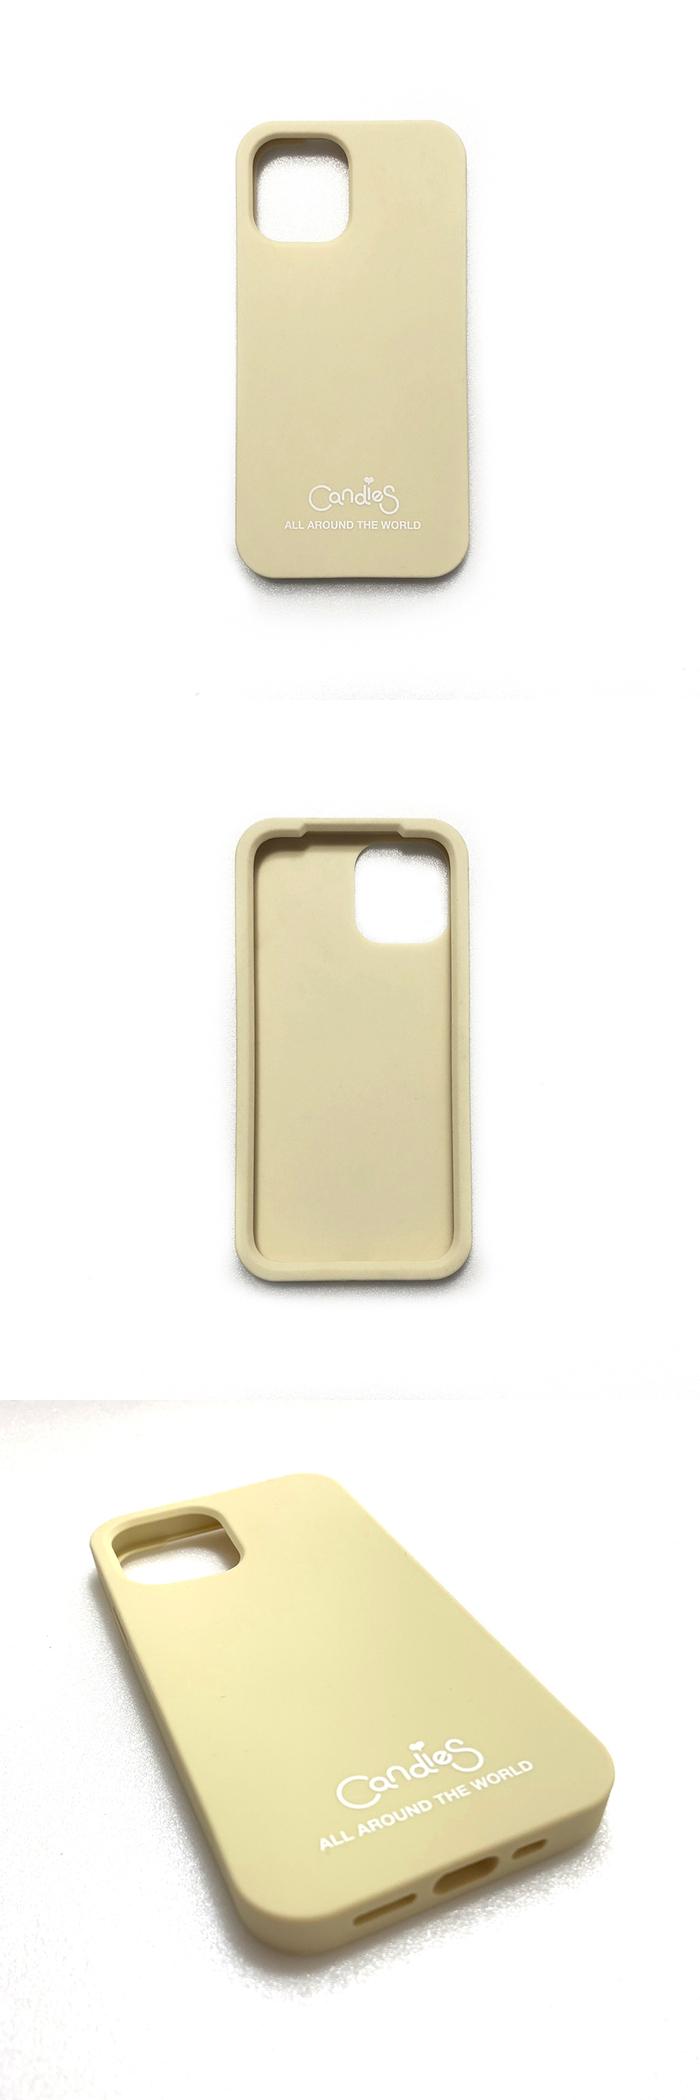 (複製)Candies Simple系列 HAVE A GOOD DAY(黃) - iPhone 12/12 Pro